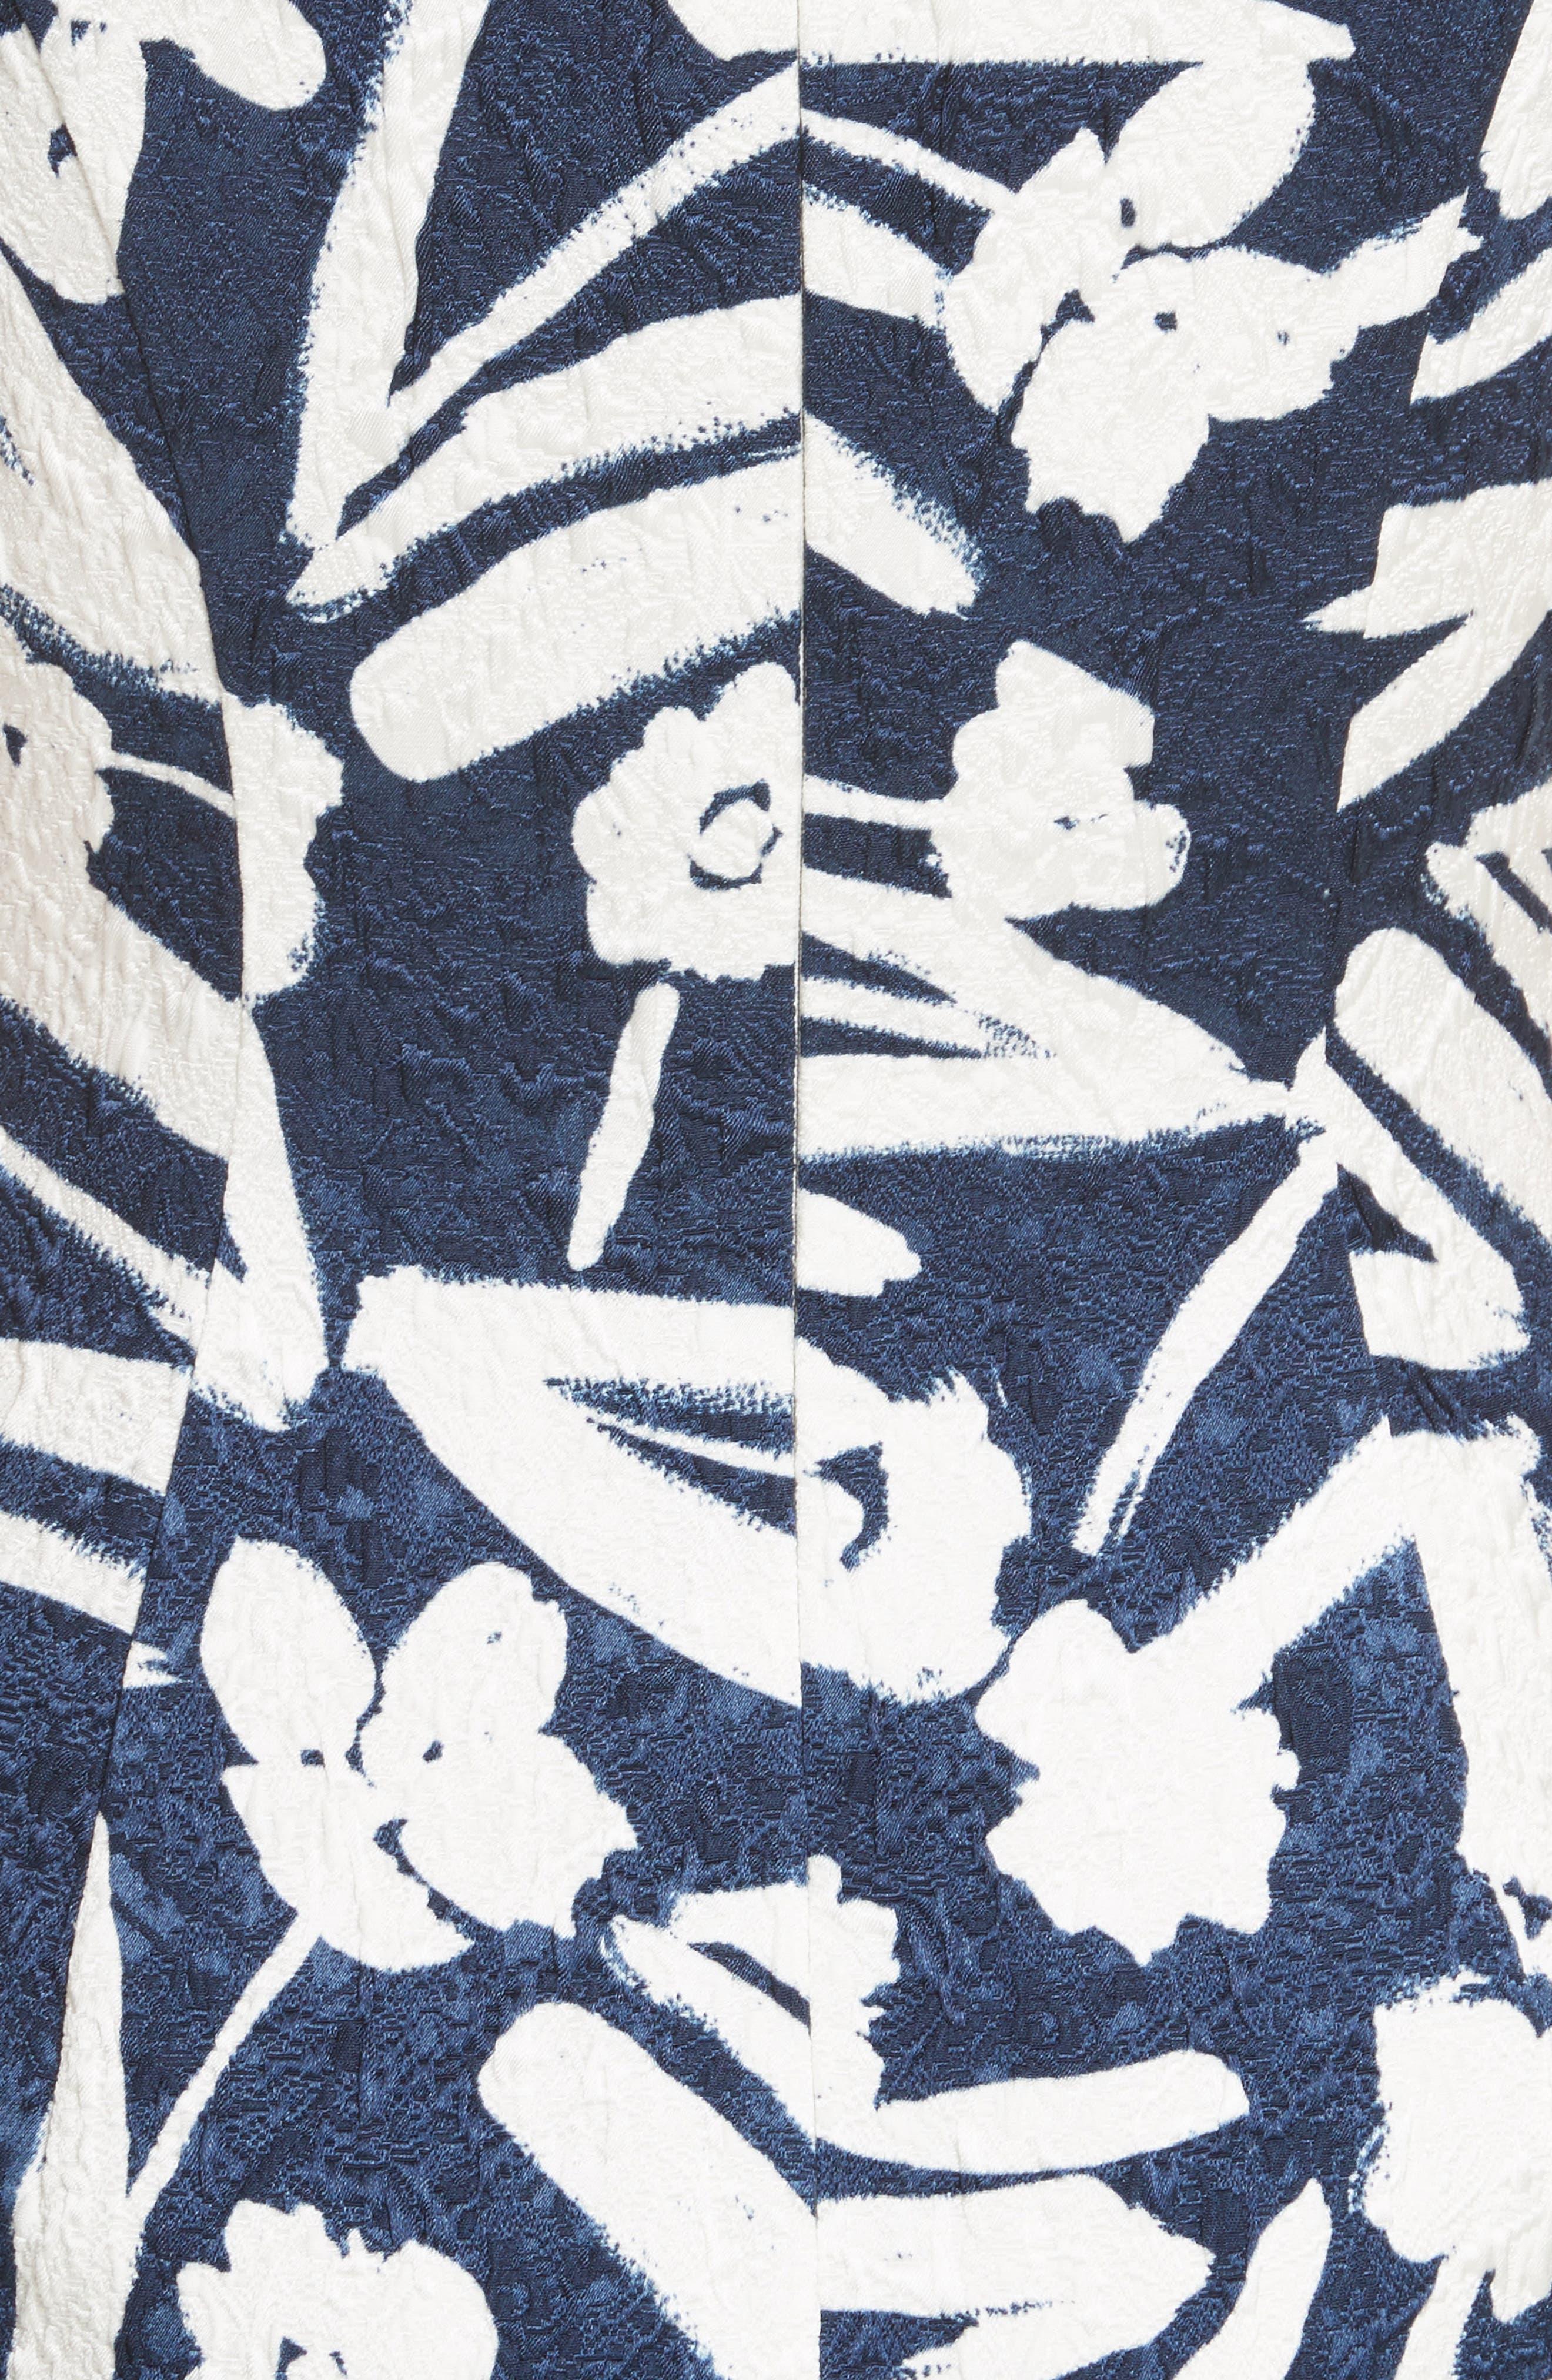 Painted Floral Cloqué Dress,                             Alternate thumbnail 5, color,                             Navy/ White